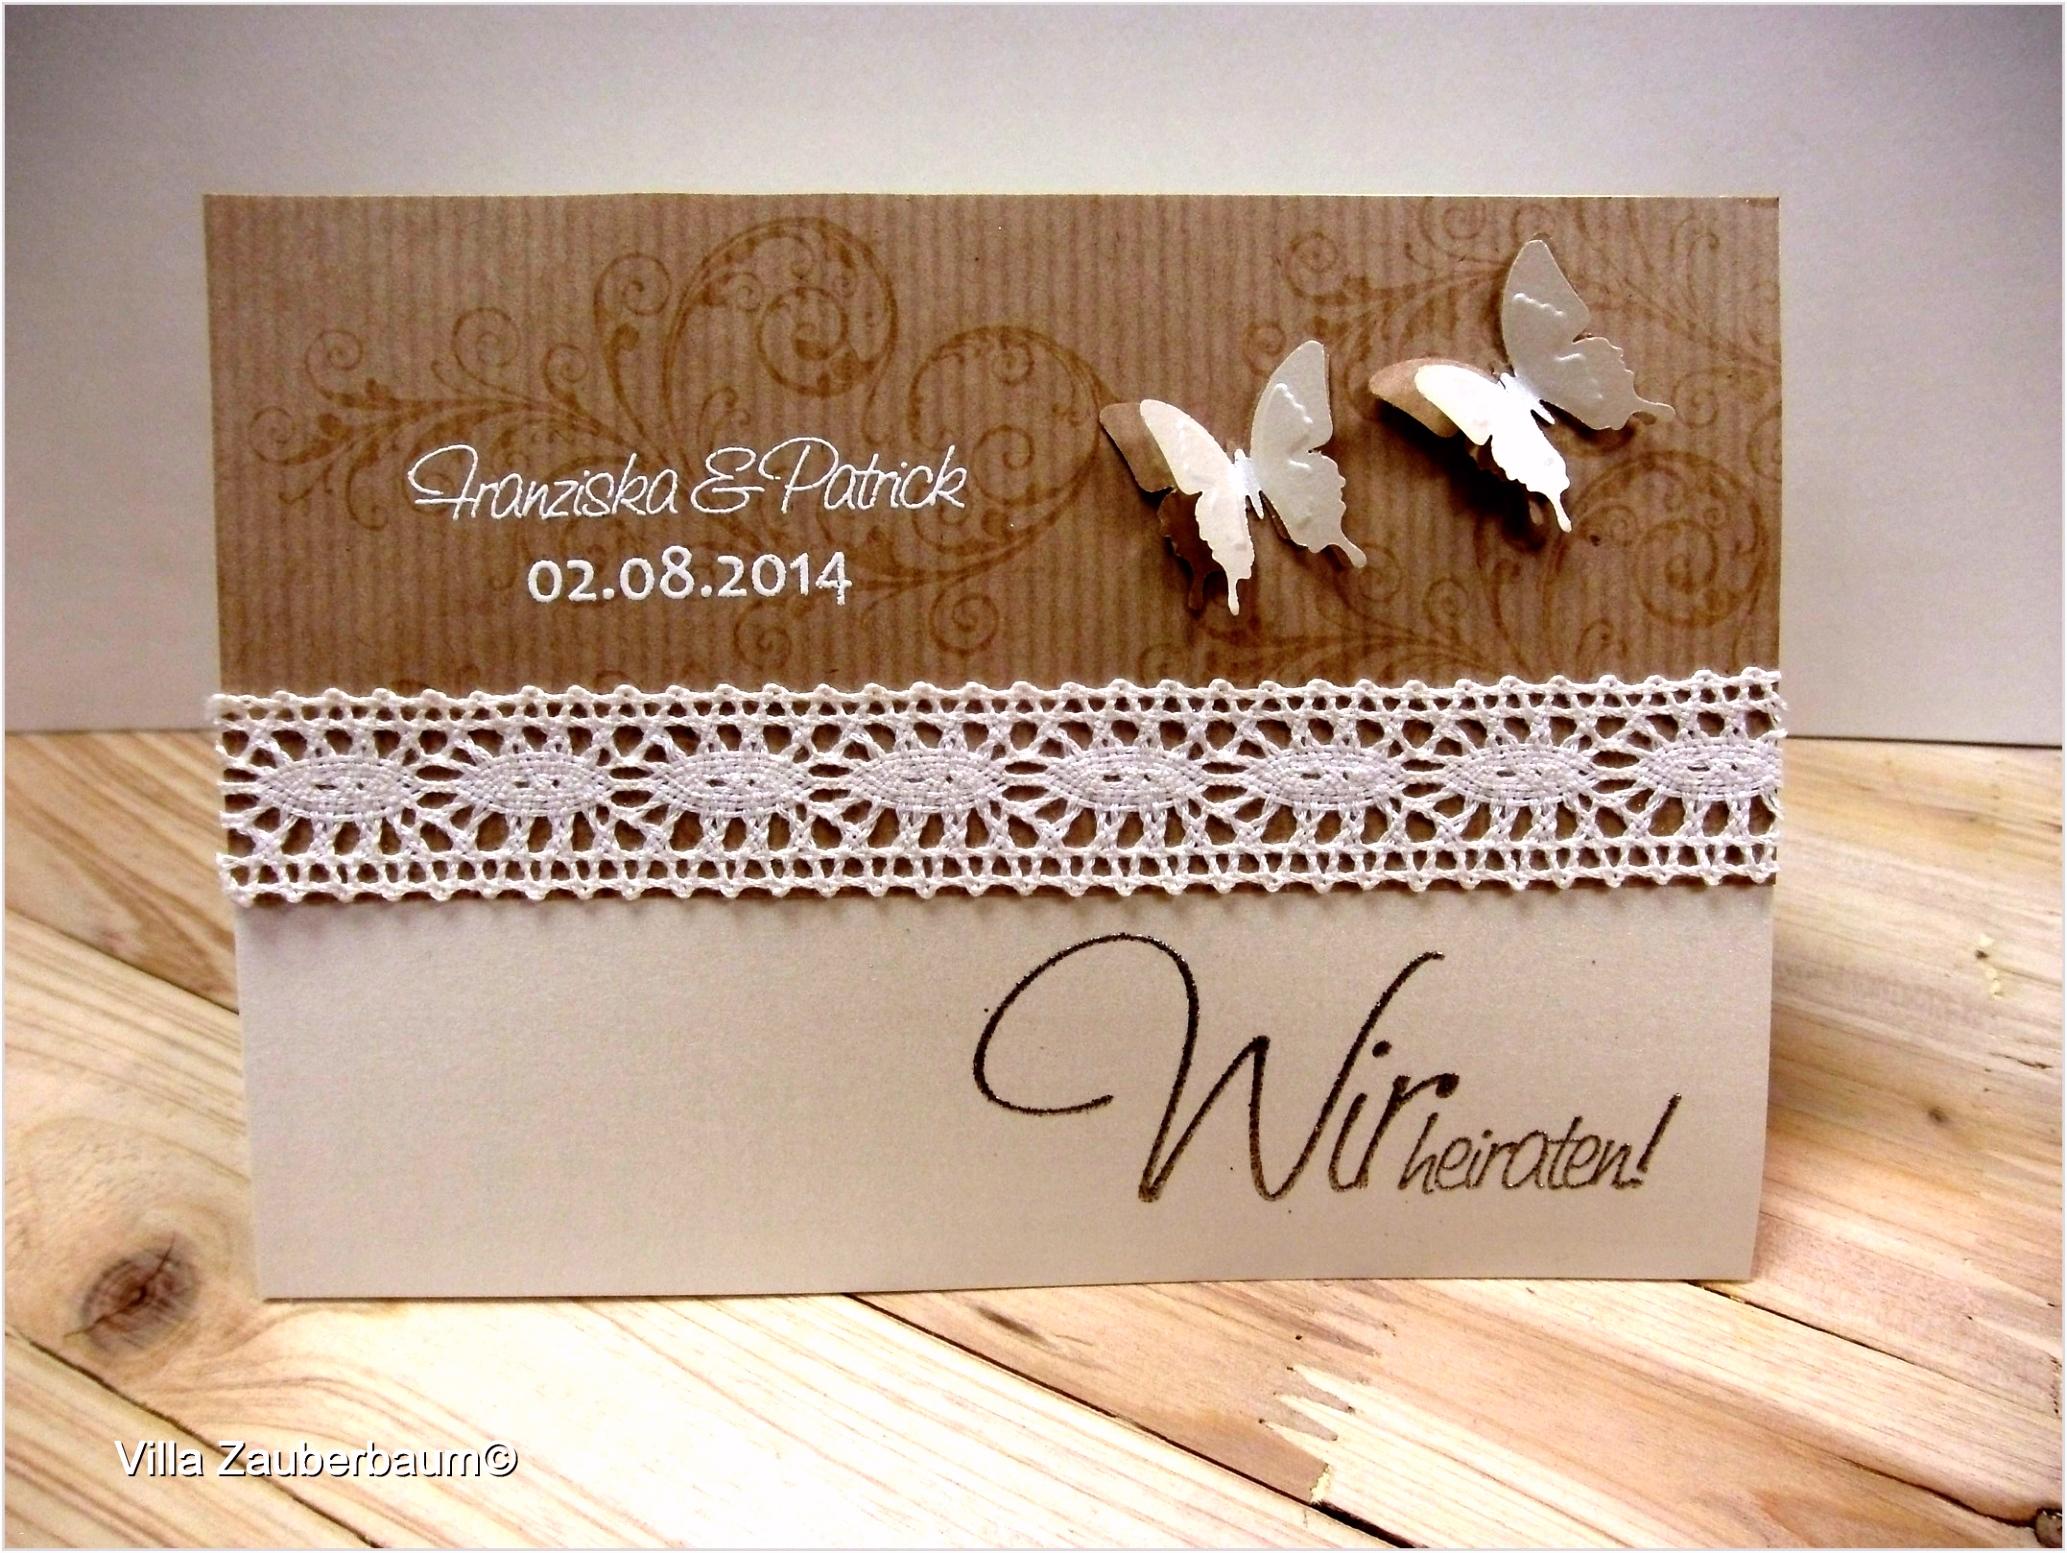 Eintrittskarten Selber Machen Vorlage Hochzeitseinladungen Selber Basteln New Dankeskarten Line Gestalten A2ne07ndb6 X5os26hxm6